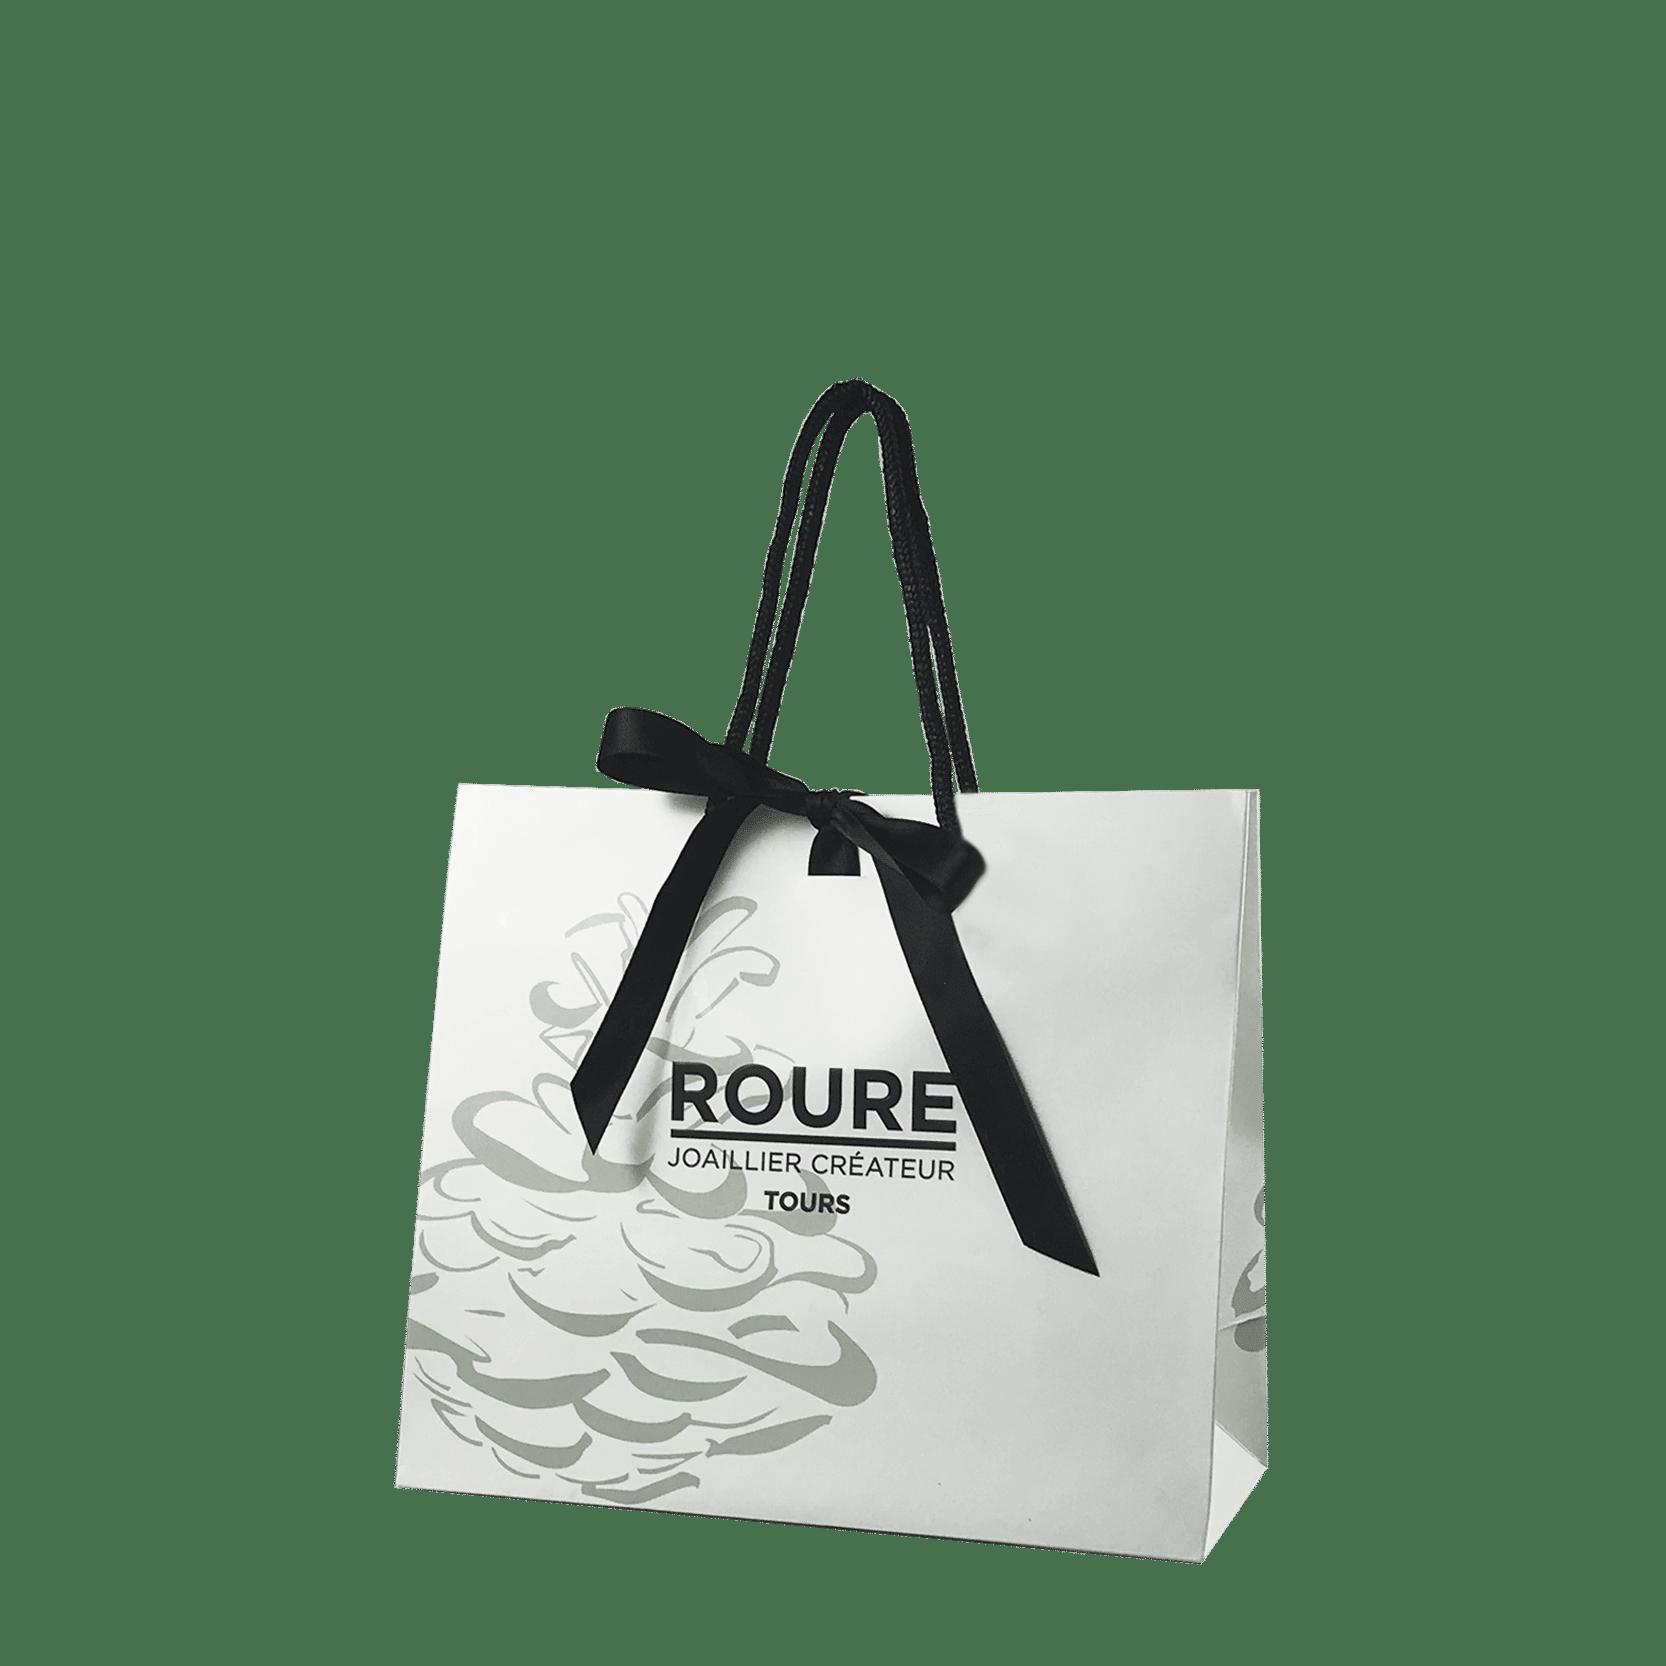 sac personnalisé avec ruban pour bijouterie